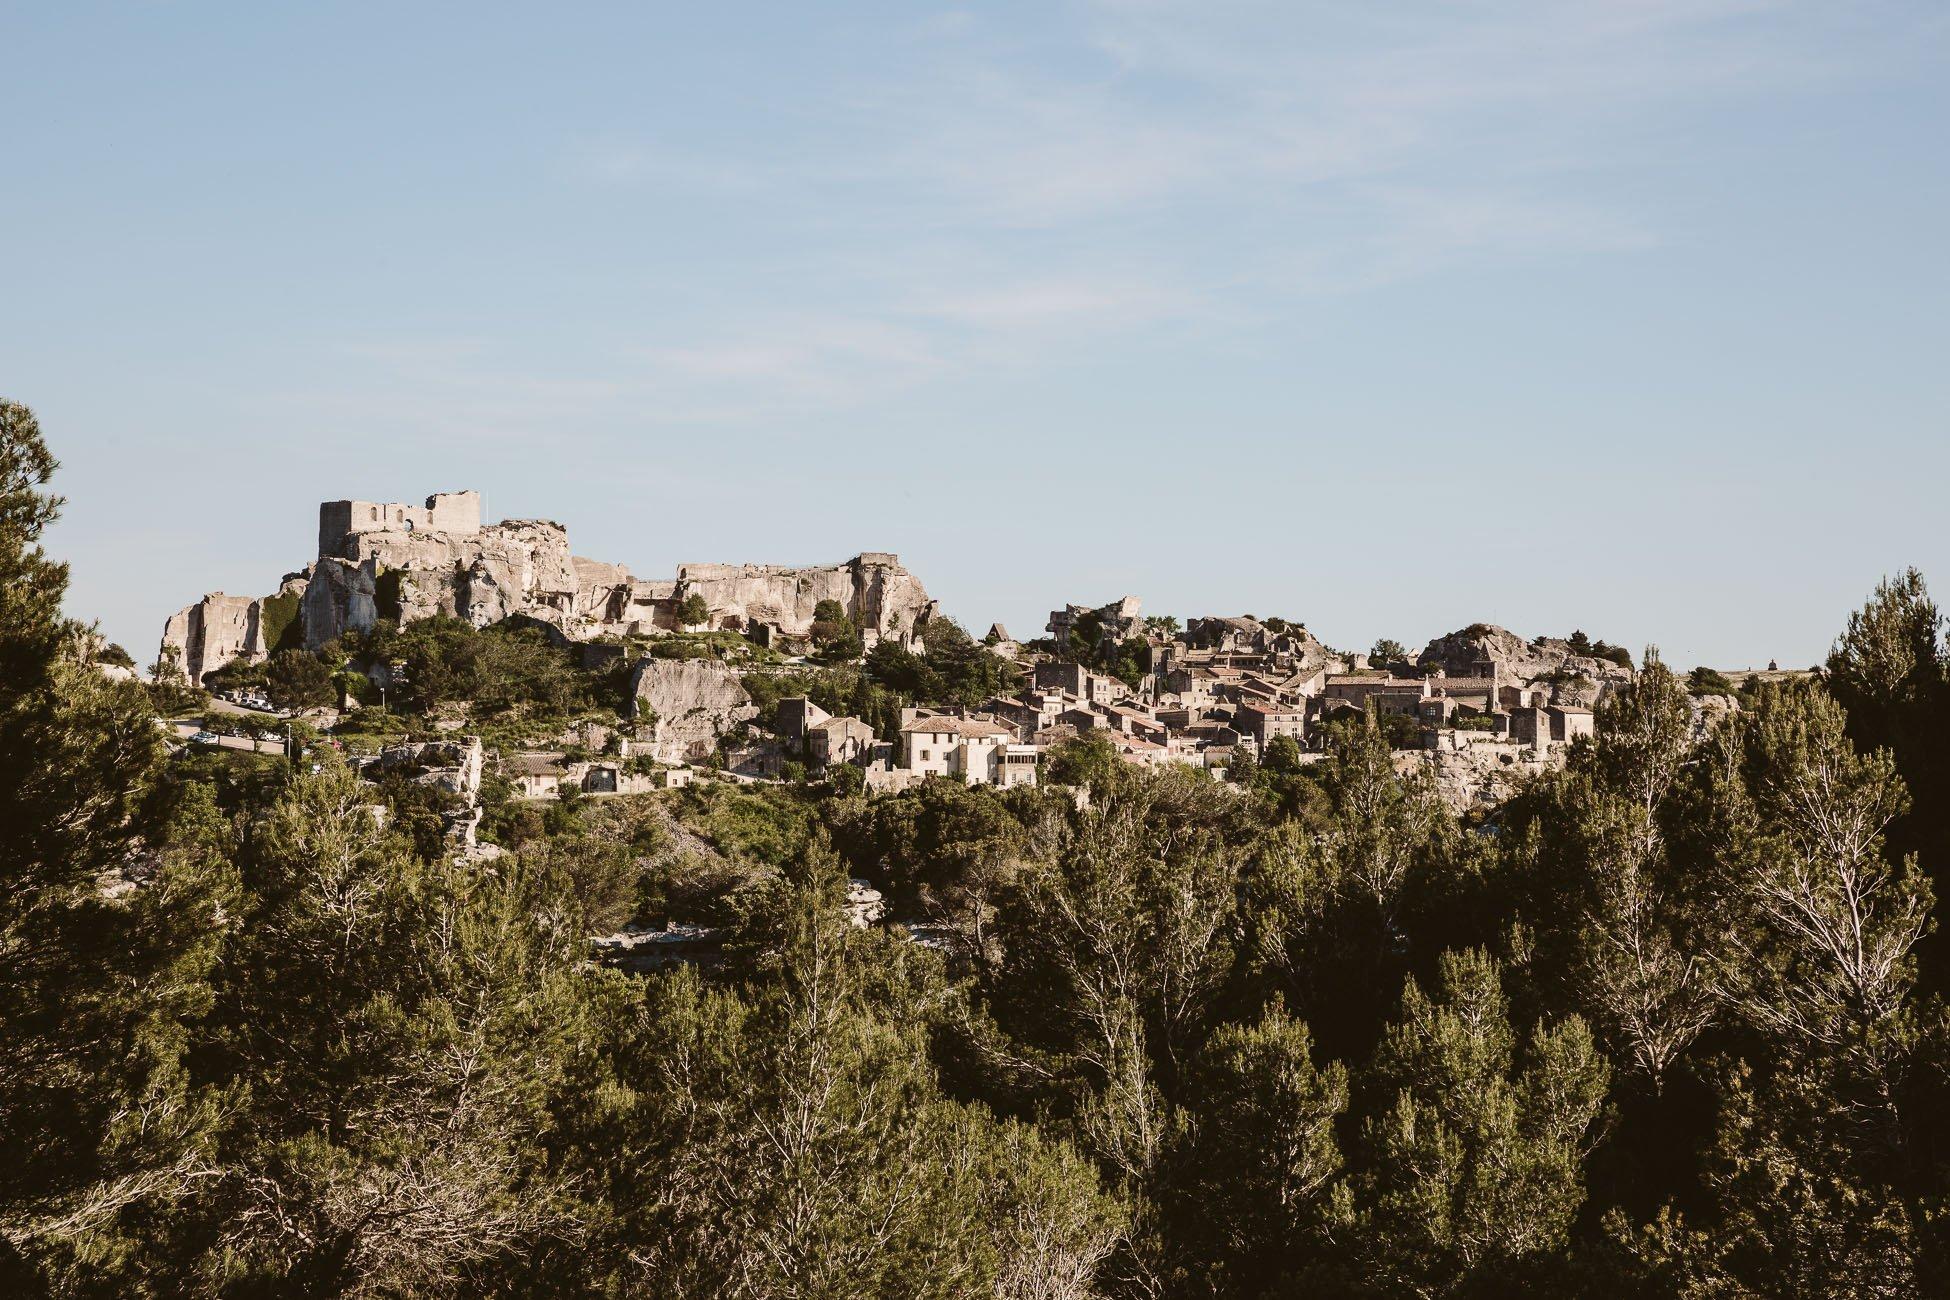 Hilltop village of Les Baux de Provence